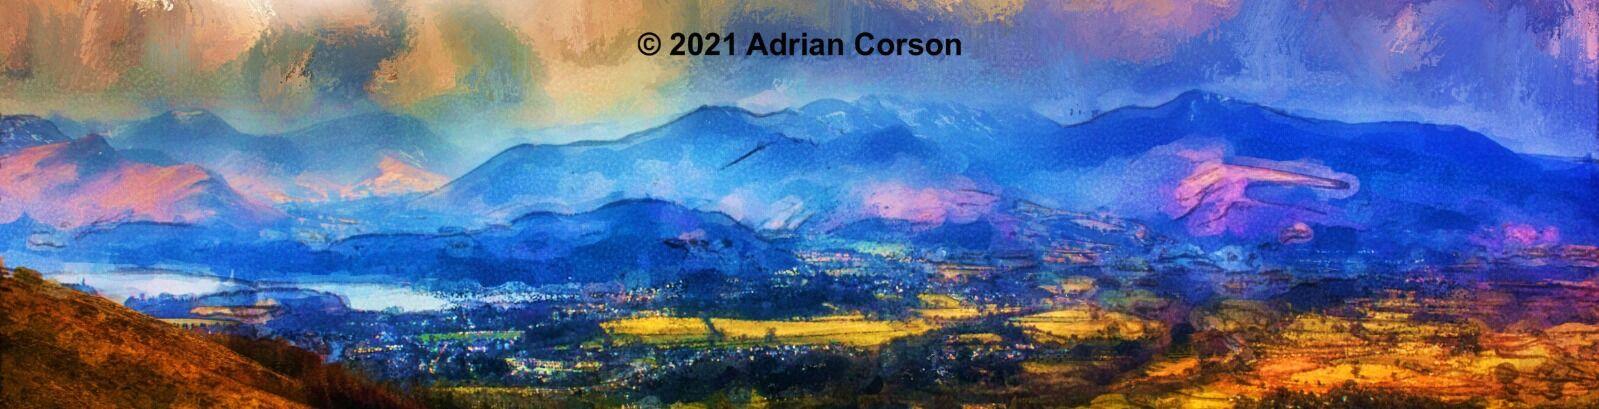 195-distant hills